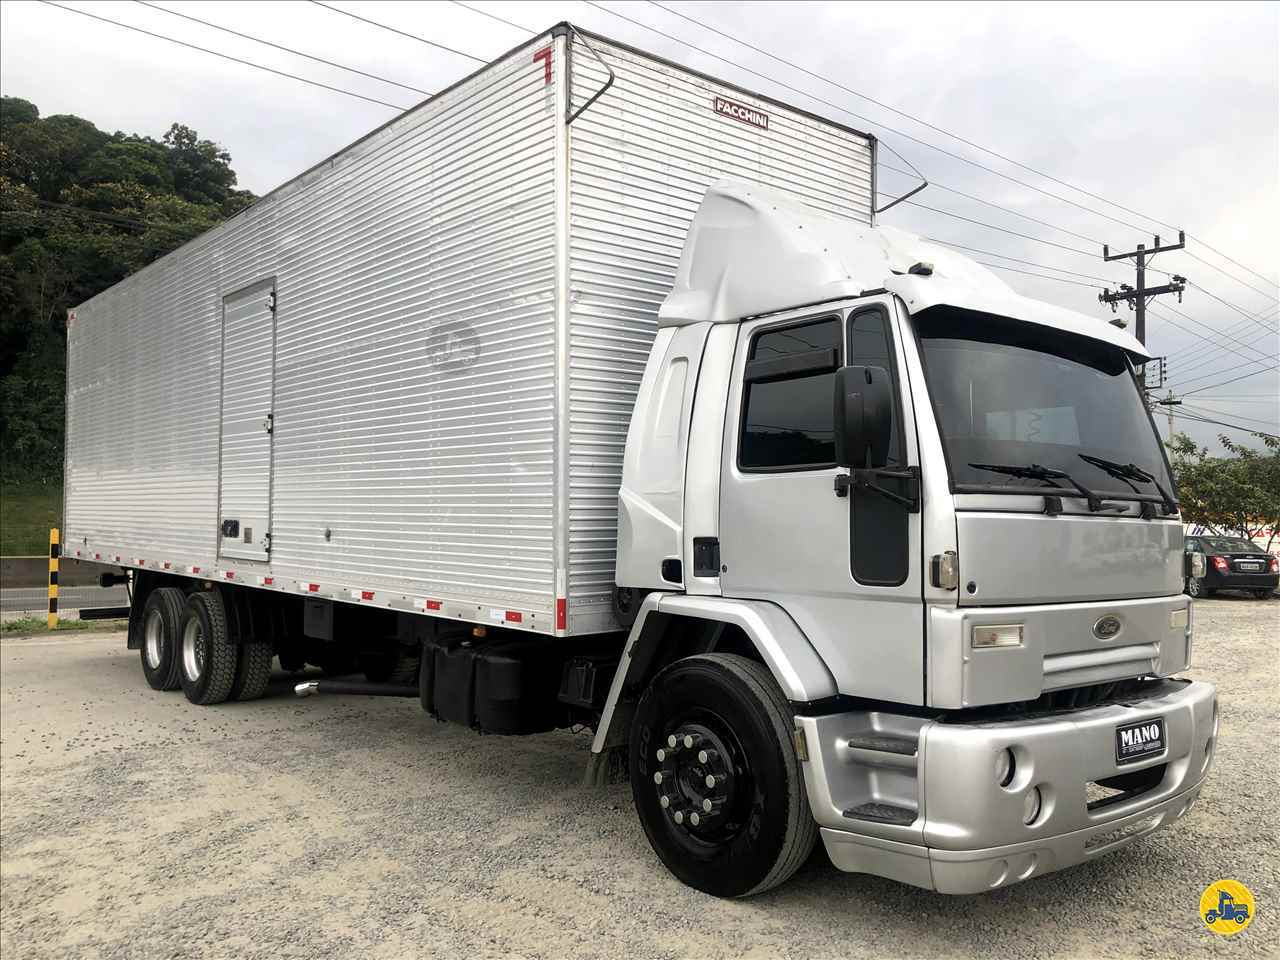 CAMINHAO FORD CARGO 2422 Baú Furgão Truck 6x2 Mano Caminhões JOINVILLE SANTA CATARINA SC